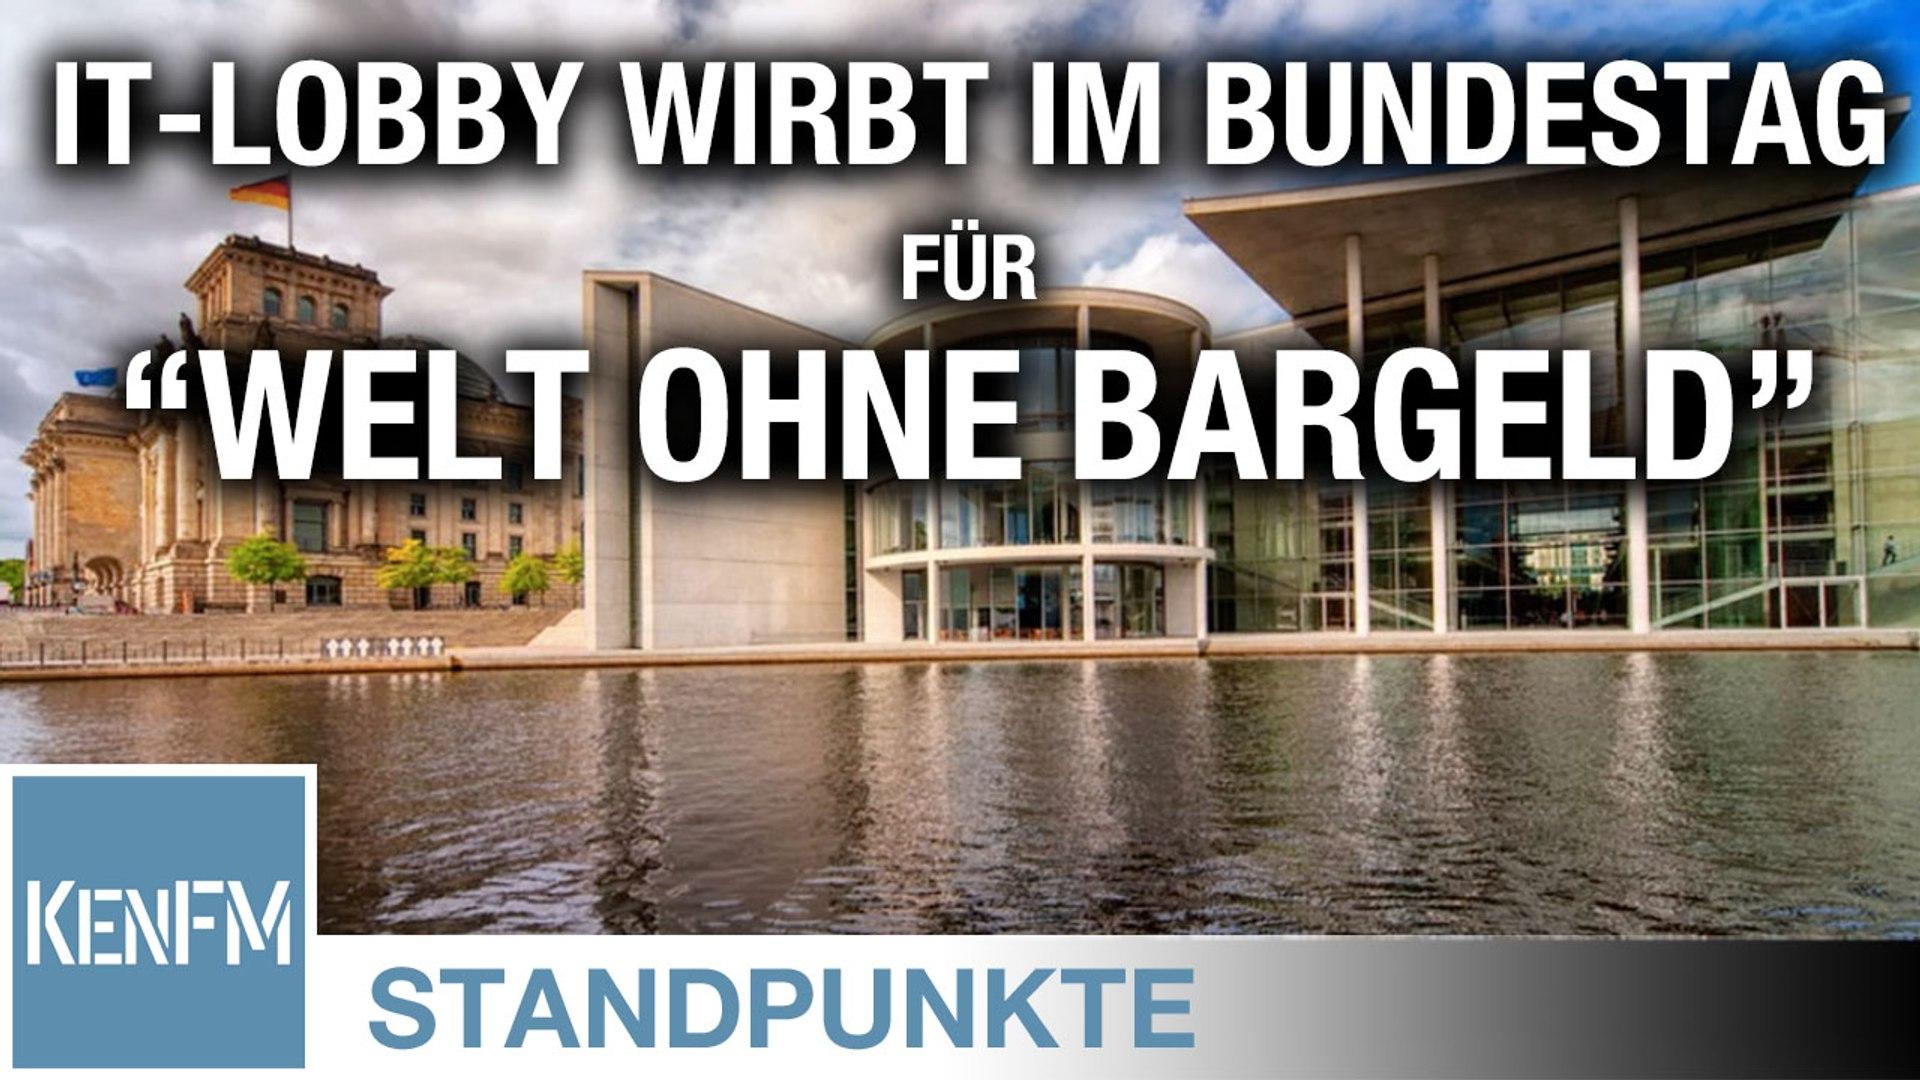 """Warum die IT-Lobby den Bundestag als Werbebühne für die """"Welt ohne Bargeld"""" missbrauchen durfte"""